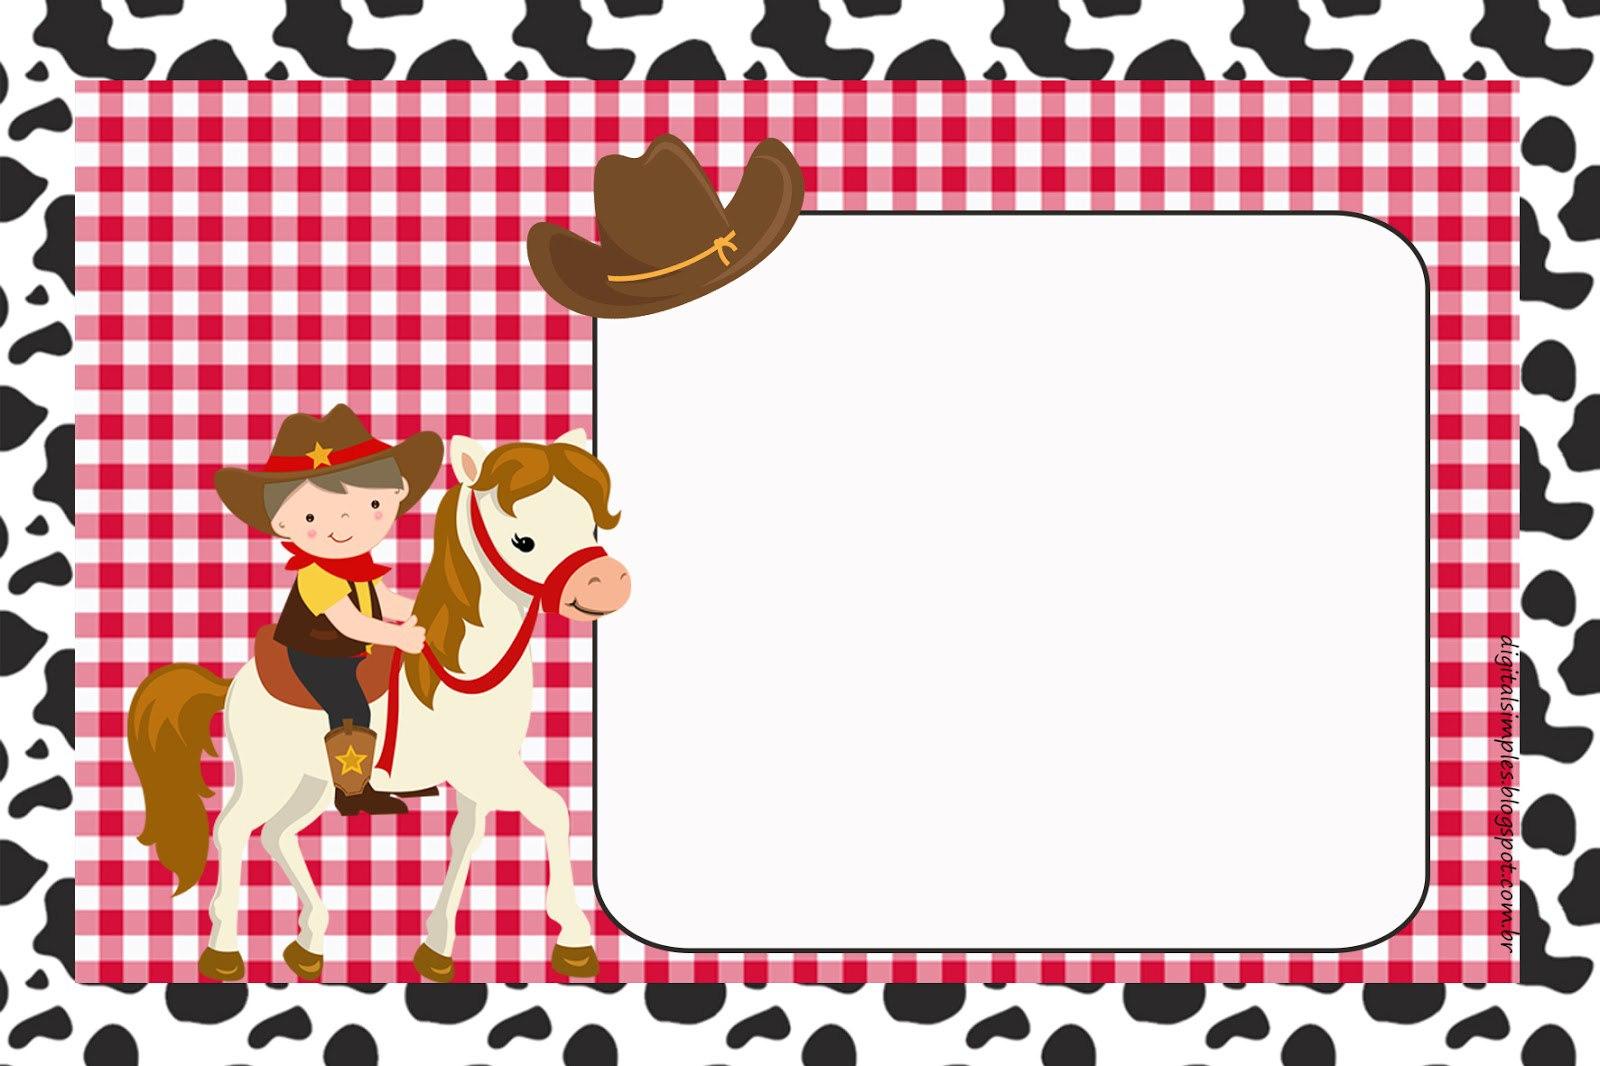 Plantillas para fiesta de vaqueros gratis para imprimir - Plantillas pared ...